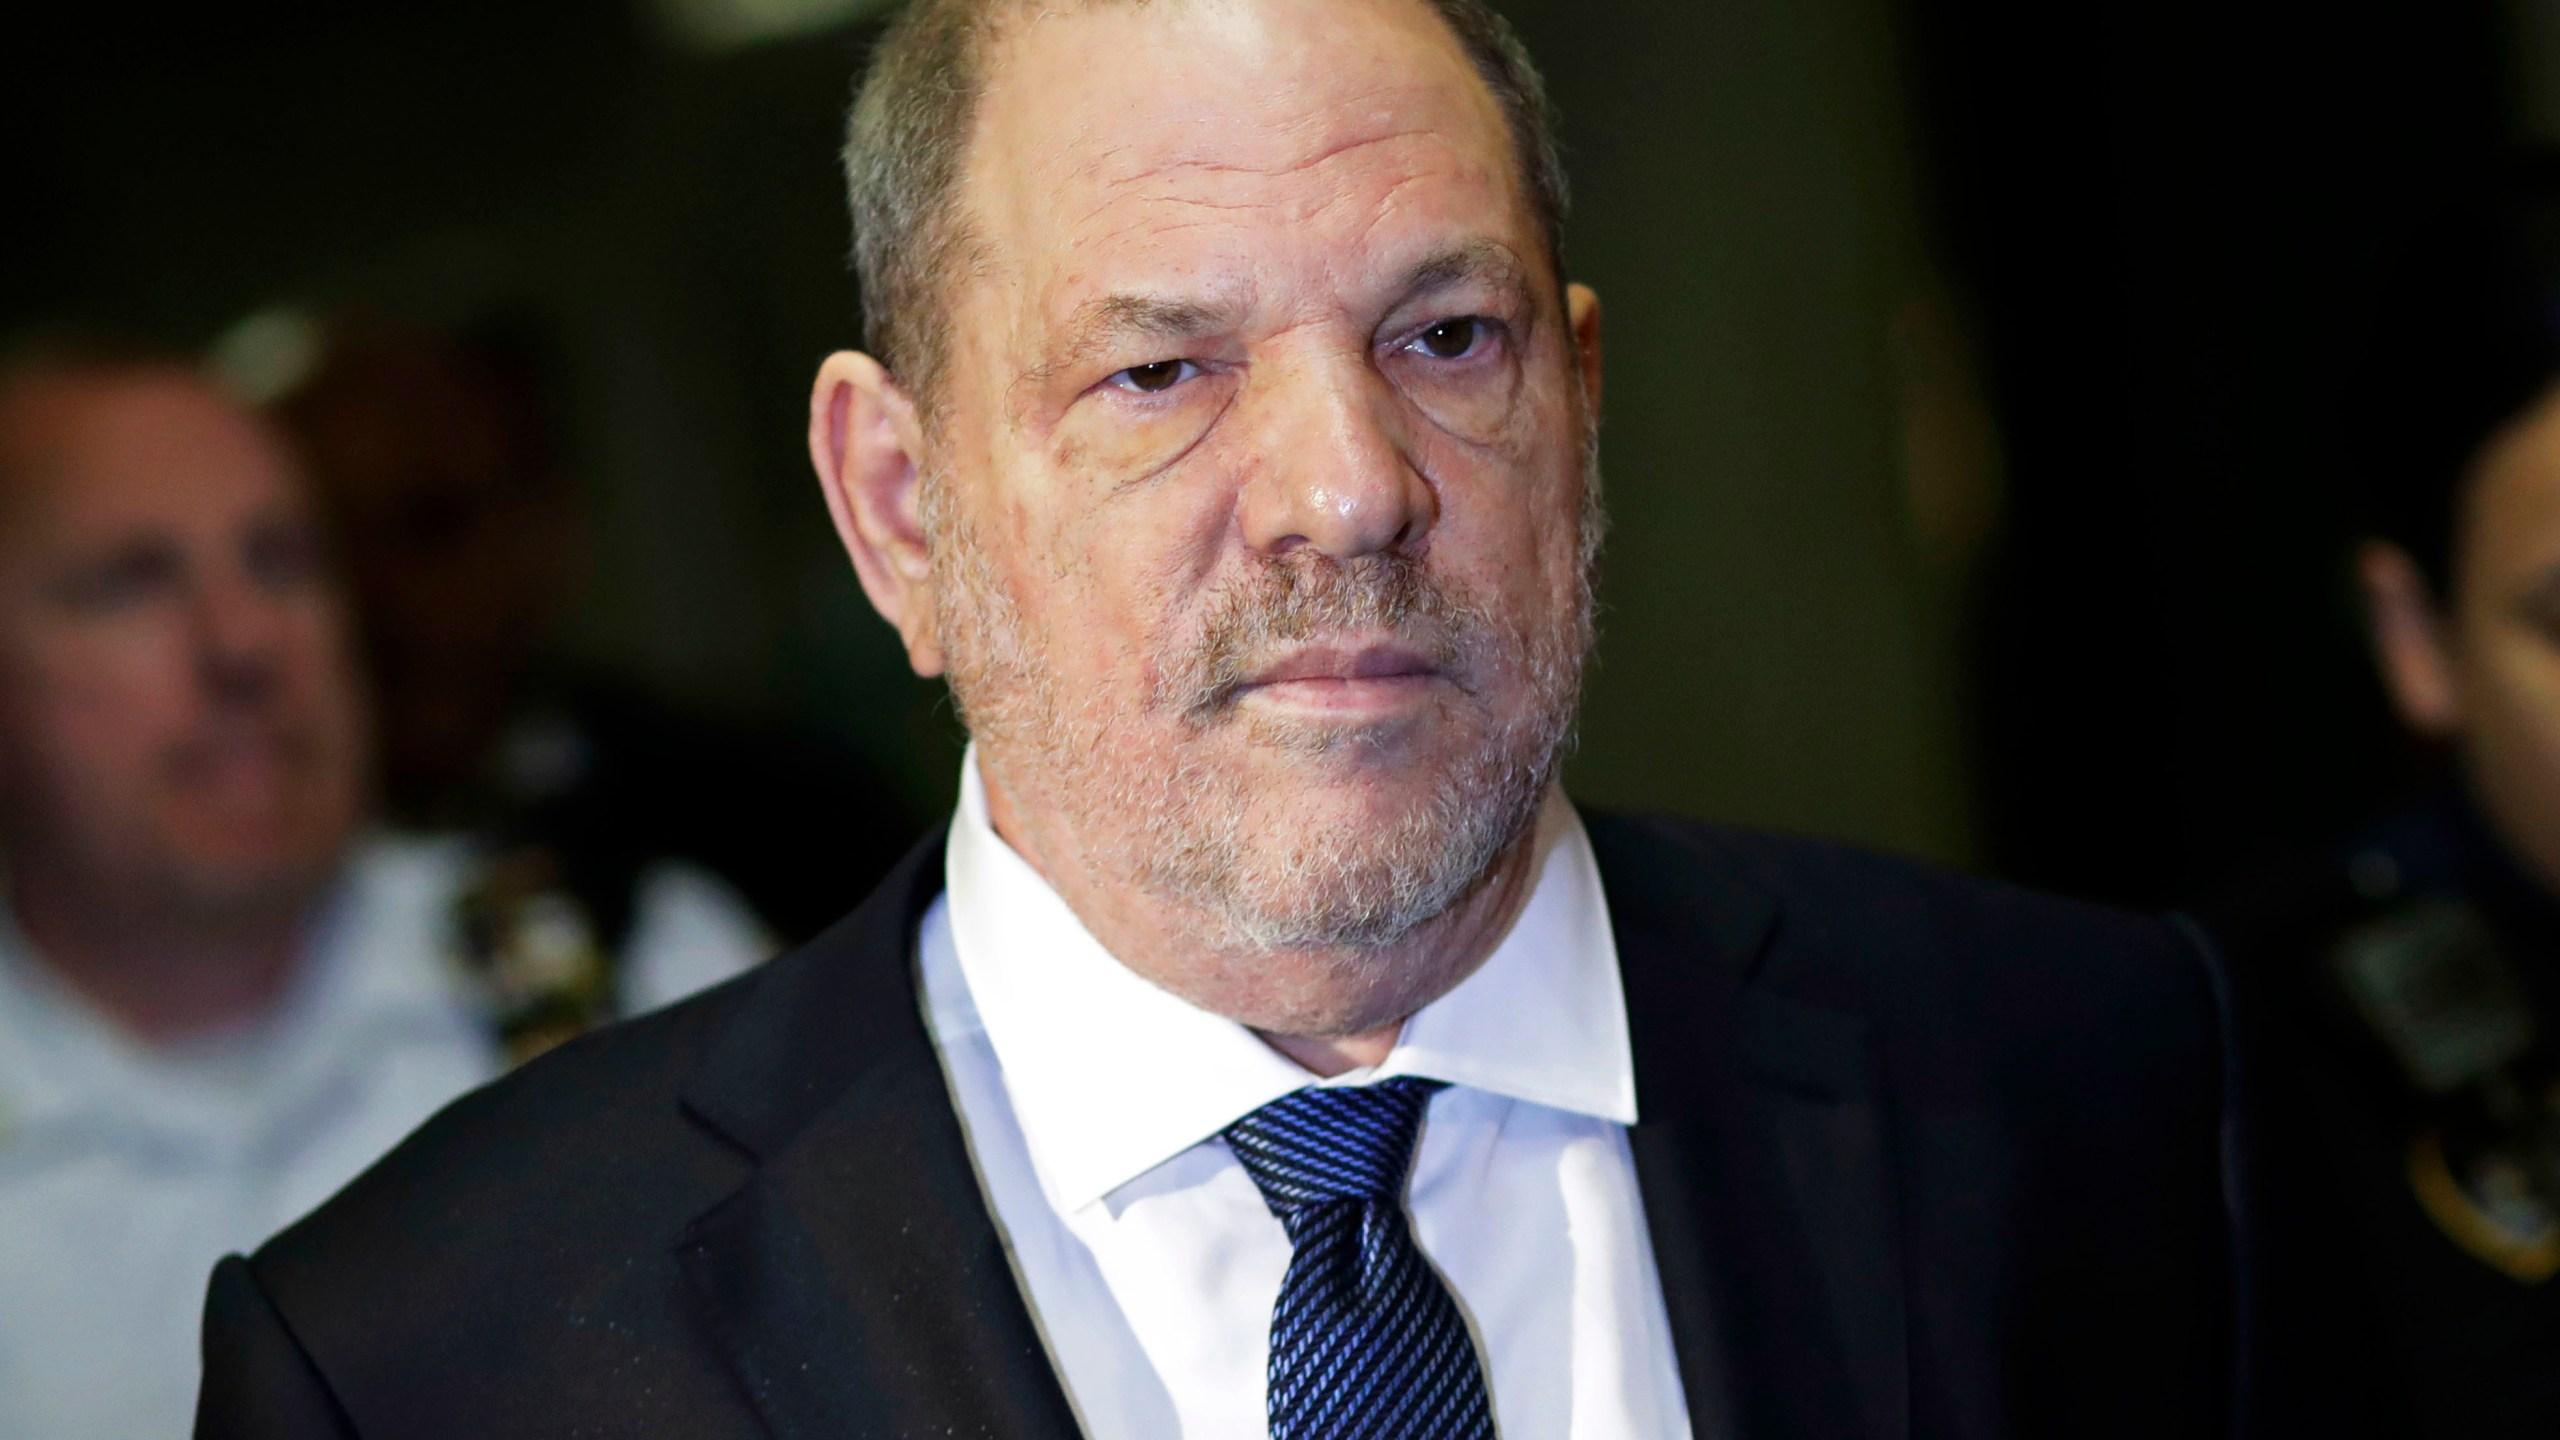 Sexual_Misconduct-Harvey_Weinstein_88029-159532.jpg53517719